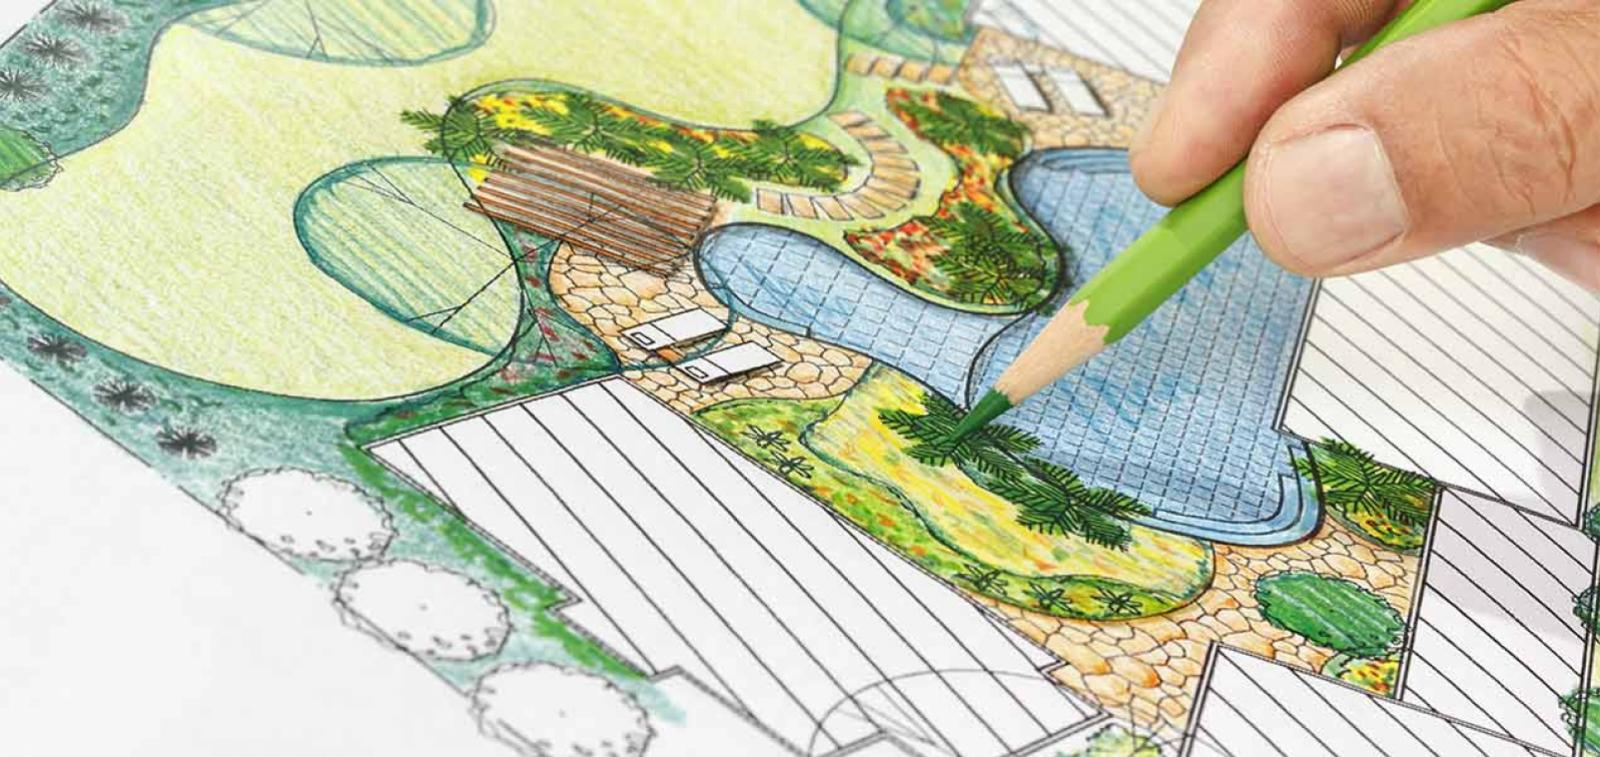 Landscape architecture plan